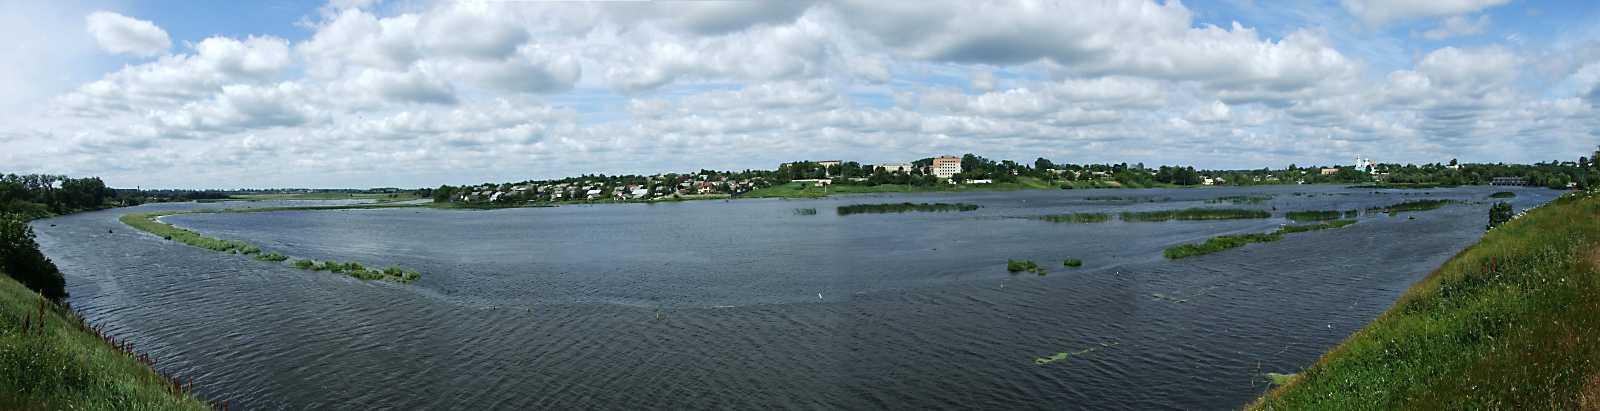 2011 р. Панорама ставу на Горині зі сходу